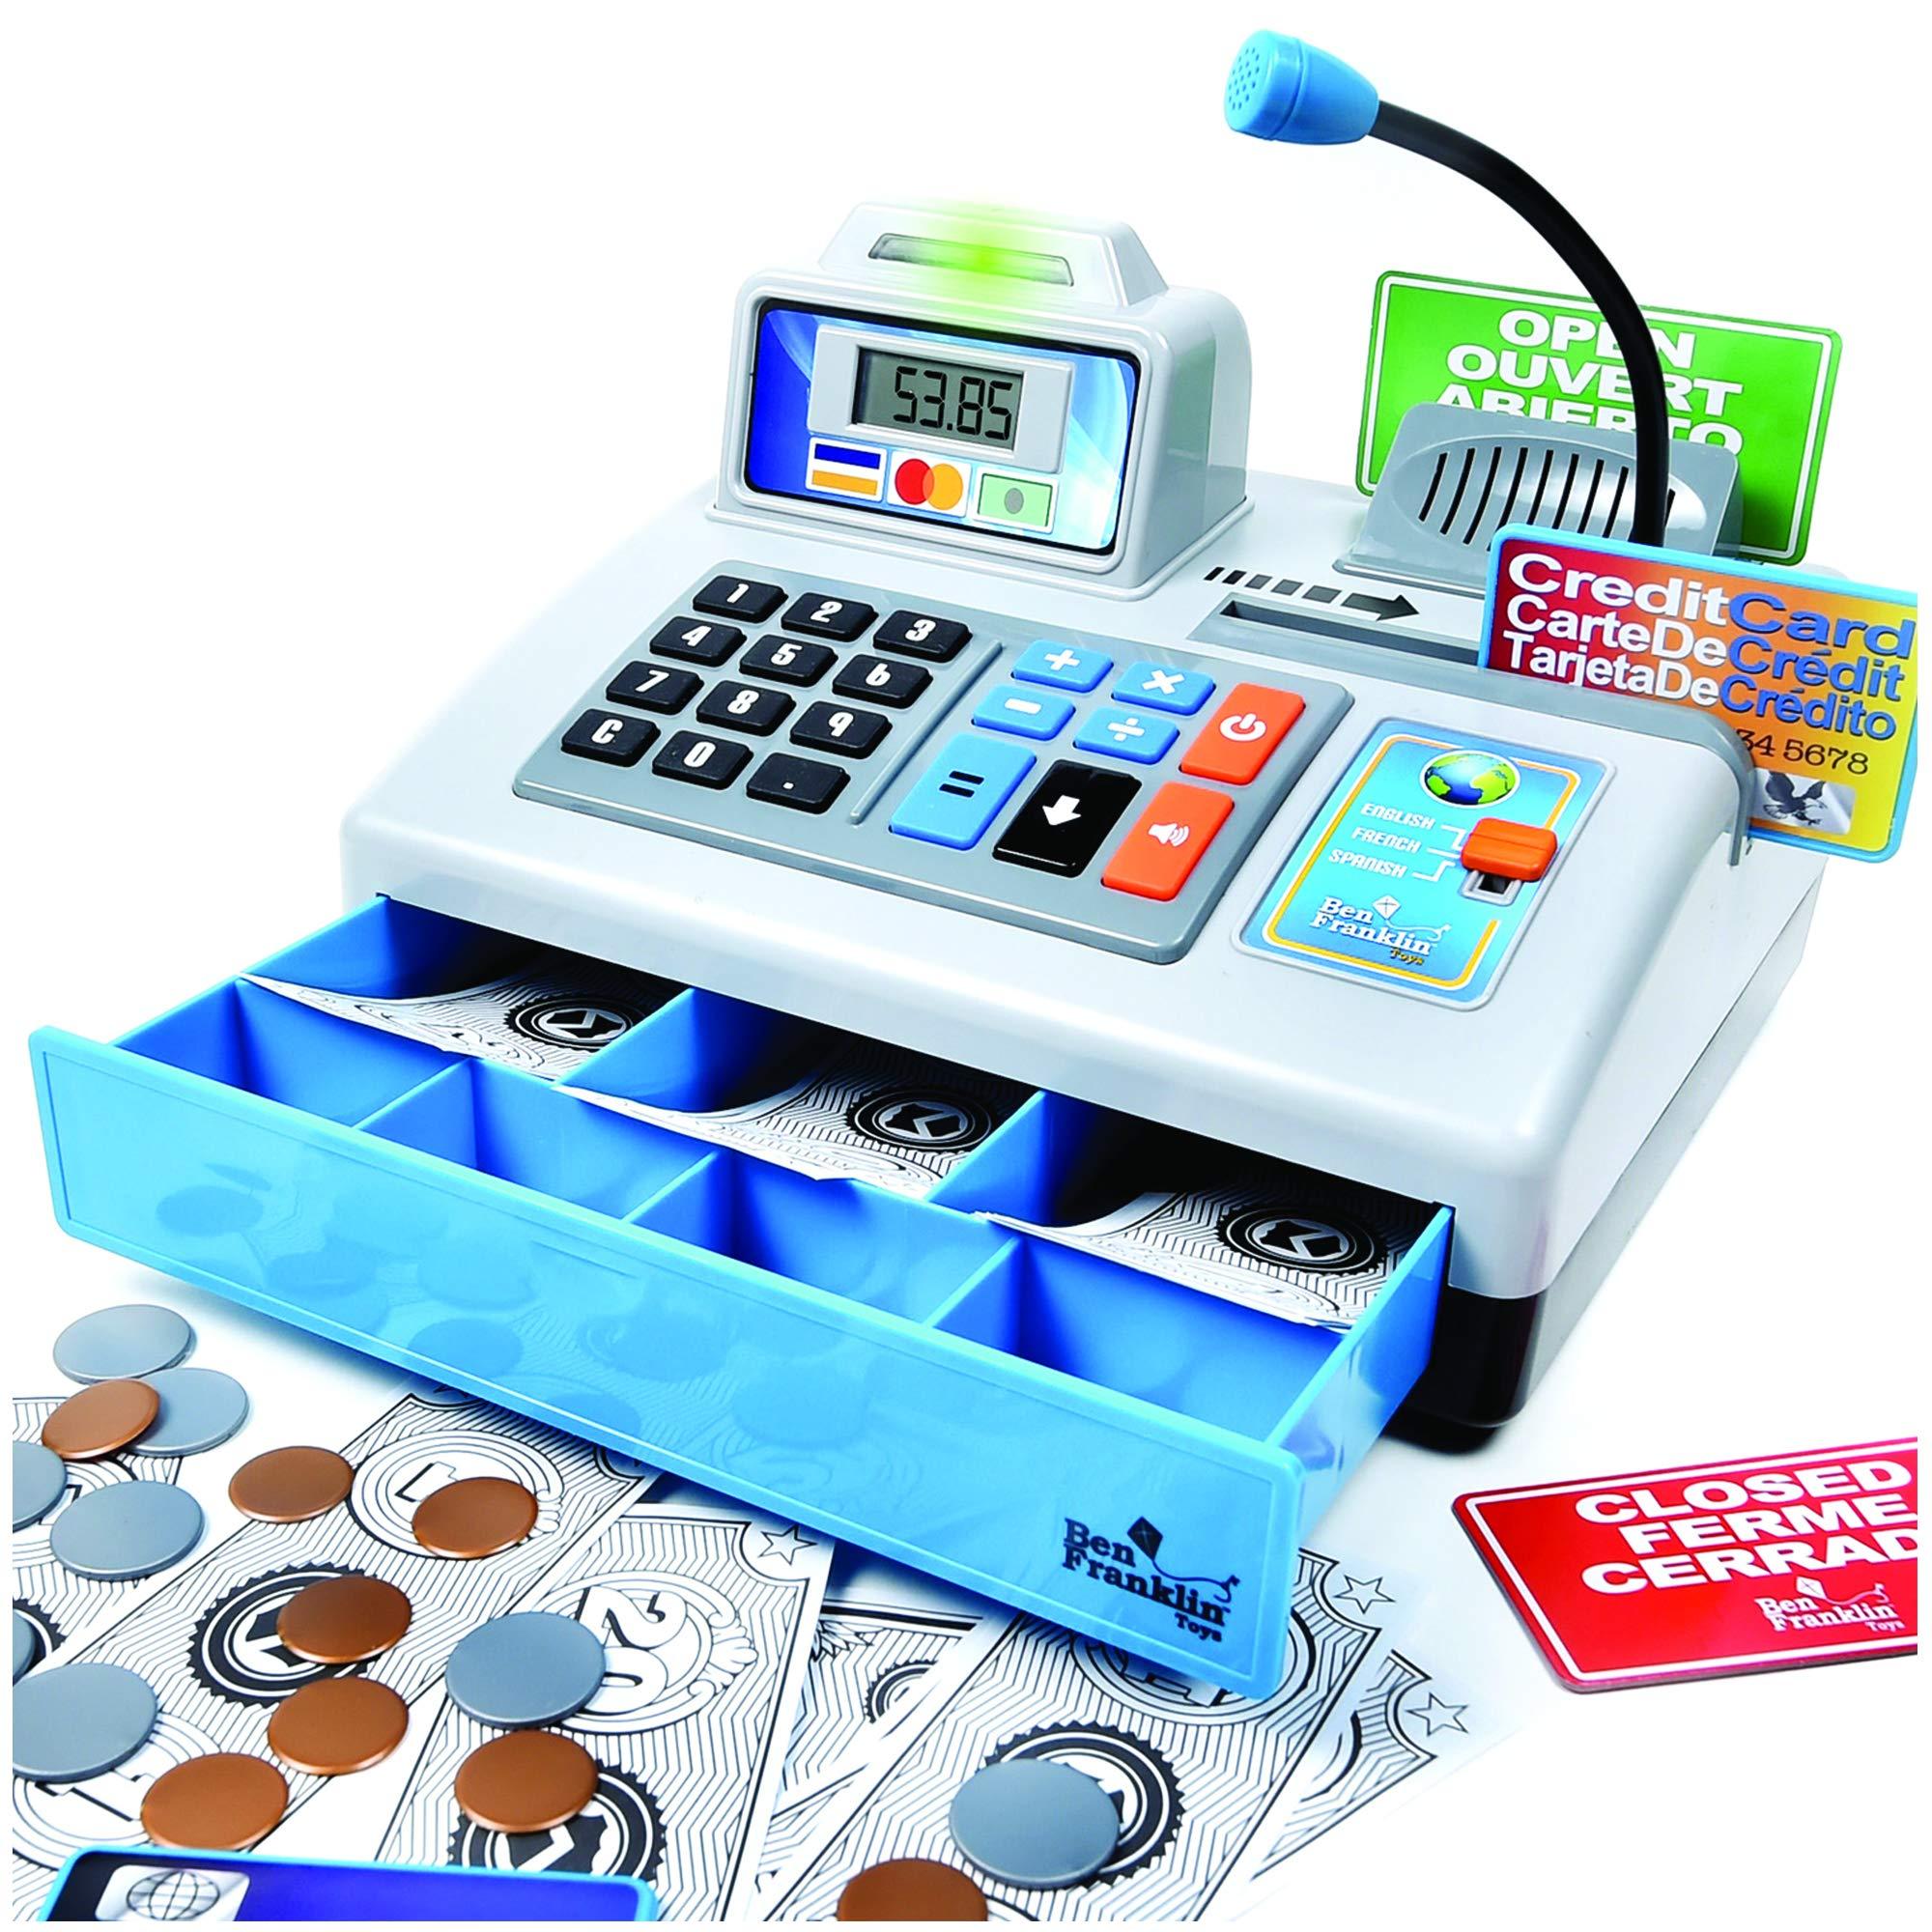 Ben Franklin Toys Talking Register